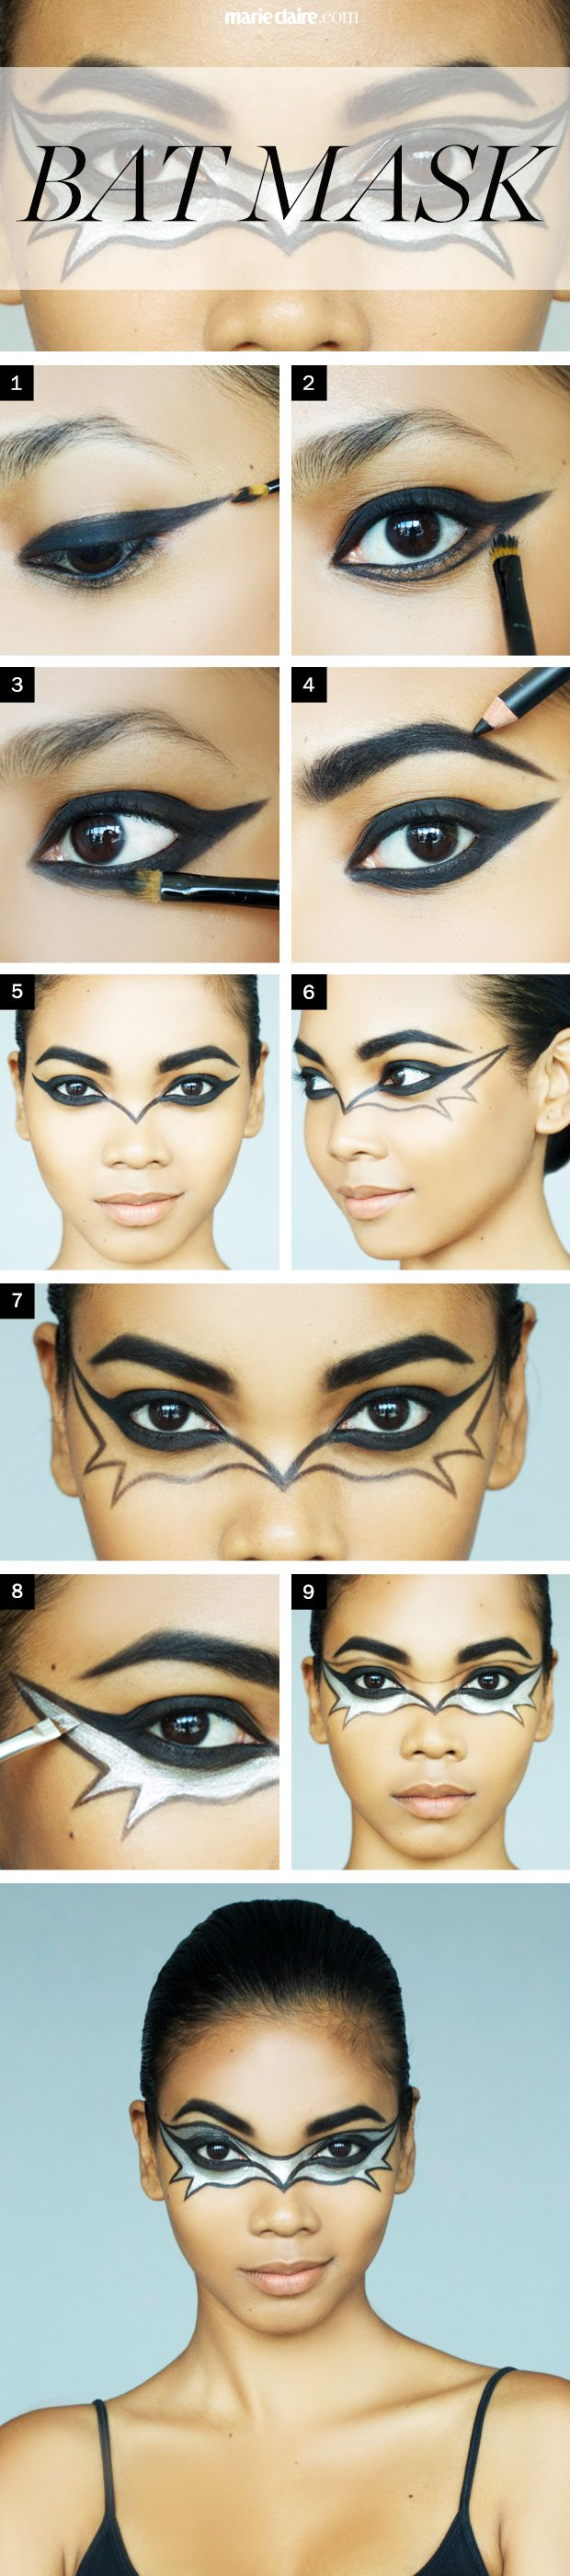 Bat Makeup Halloween Costume.Halloween Makeup How To The Bat Mask